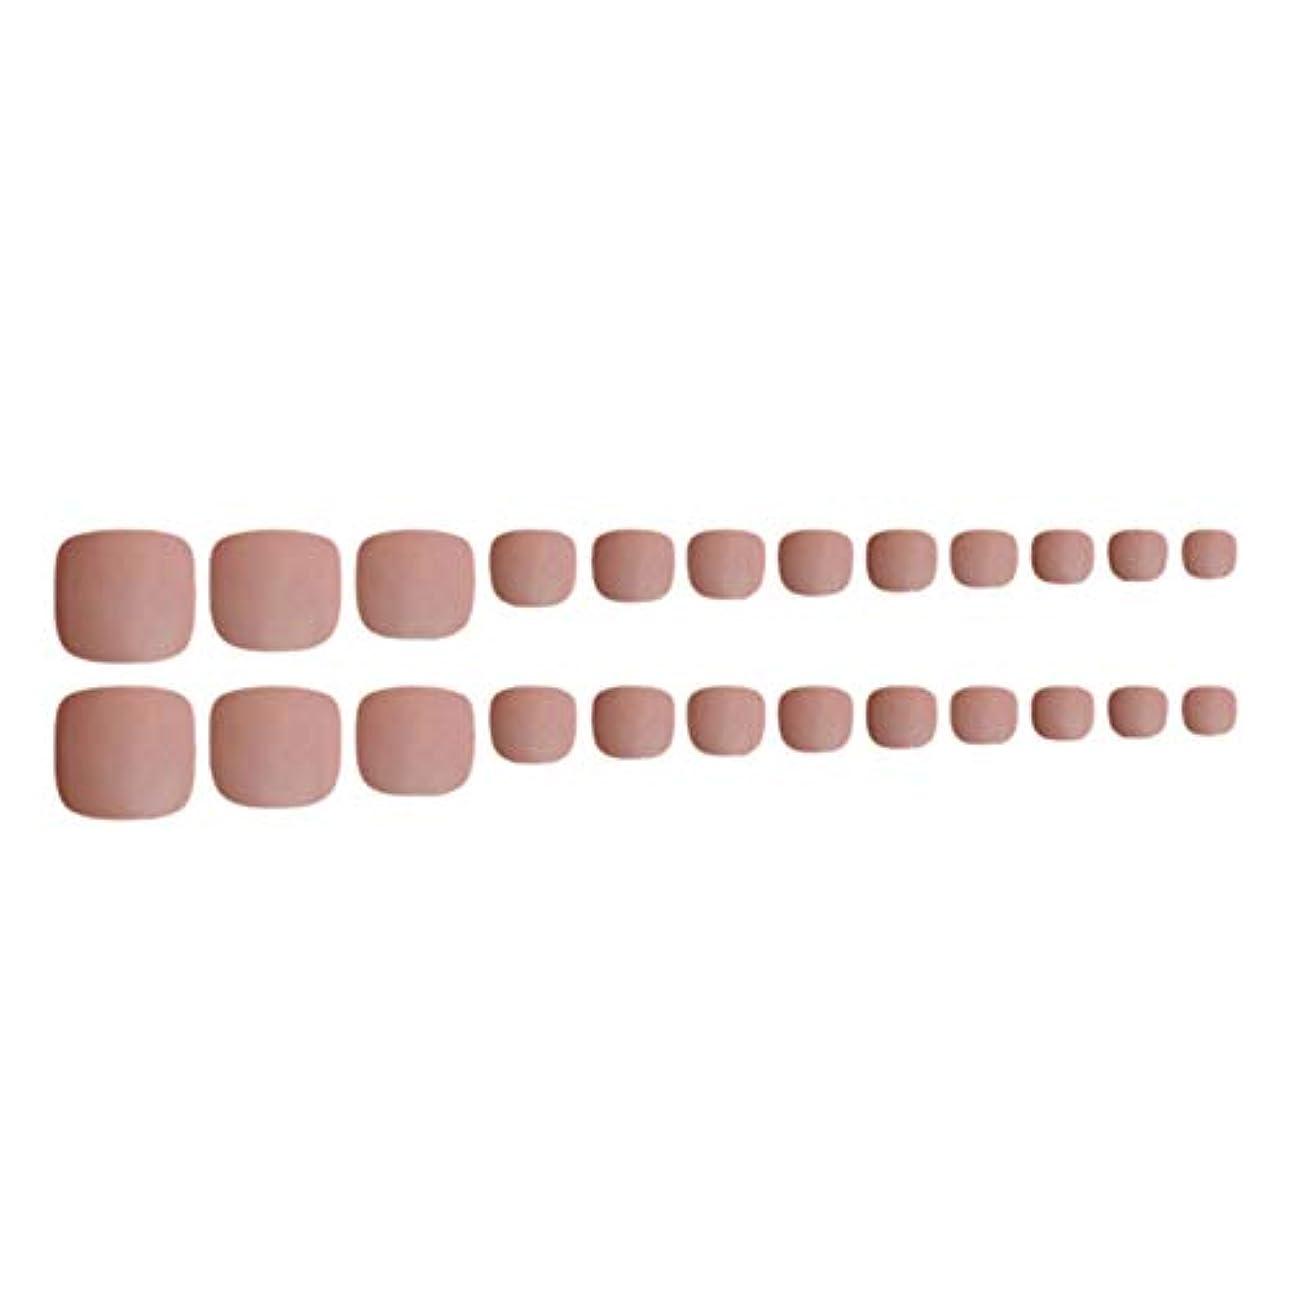 Decdeal ネイルチップ 24ピース 12サイズ 偽つま先 ネイル用品 ネイルキャンディカラフルなプレスオントゥネイル人工ネイルアートのヒント